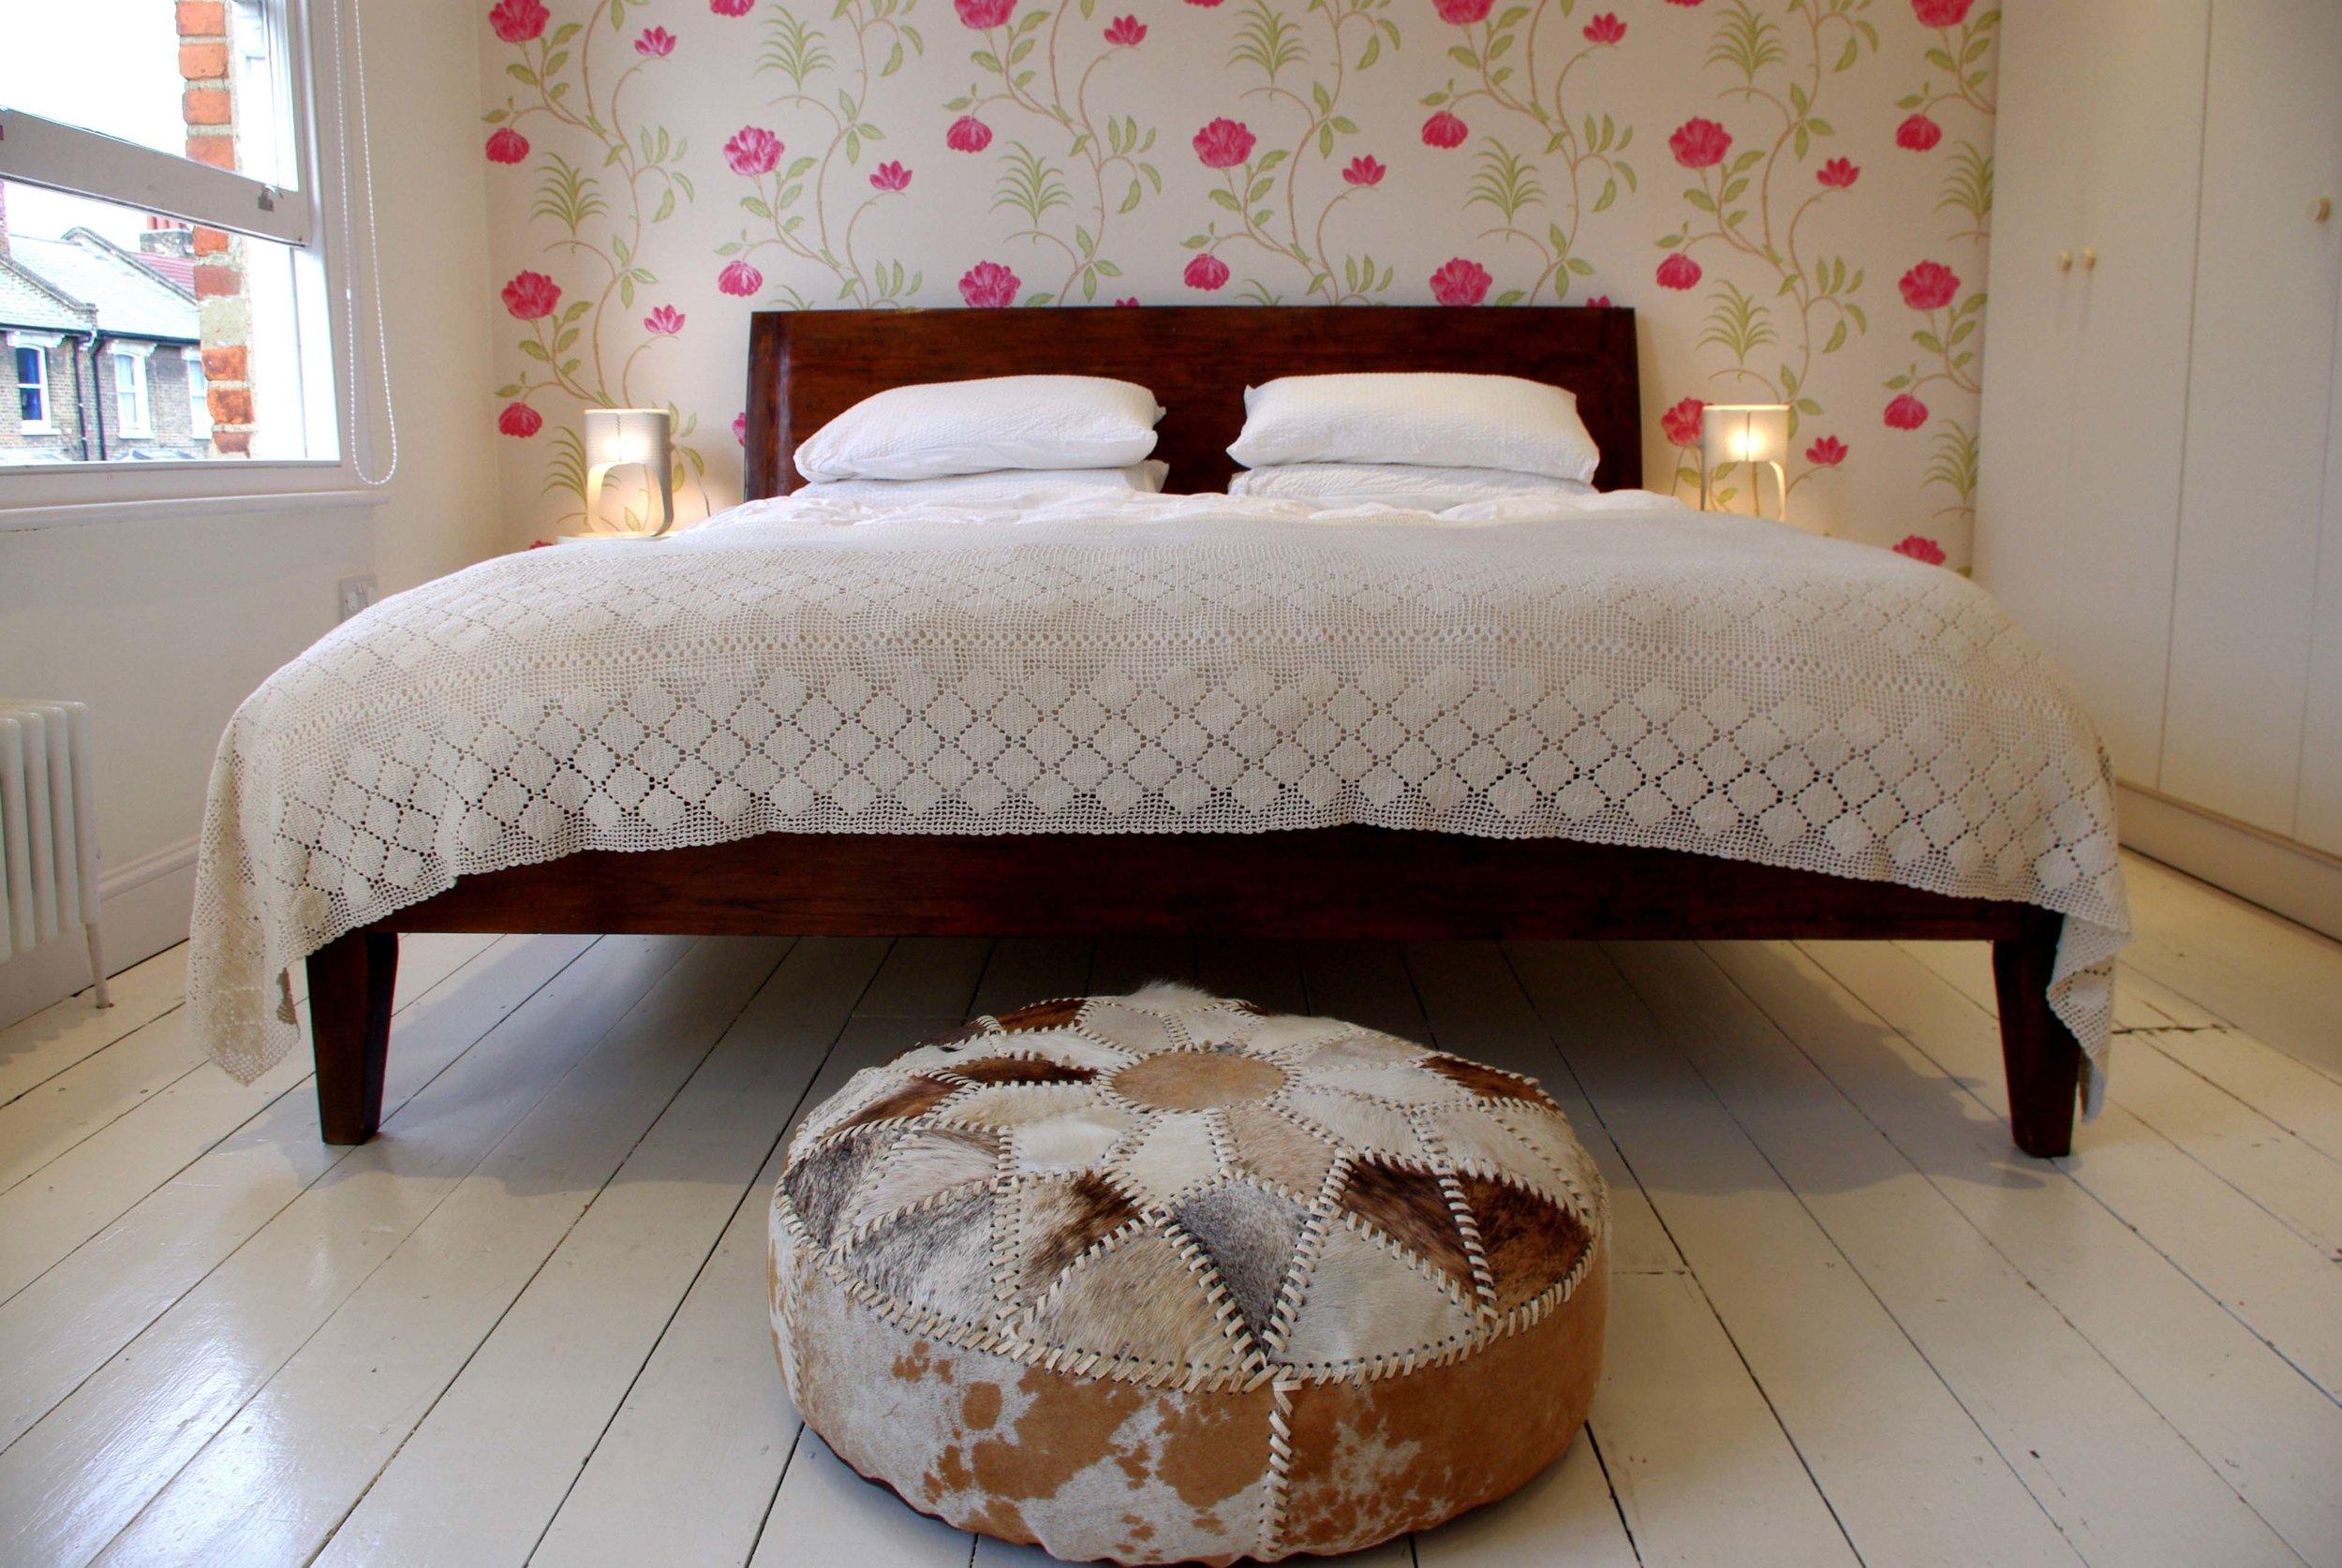 Kentish Town bedroom Avocado Sweets.jpg